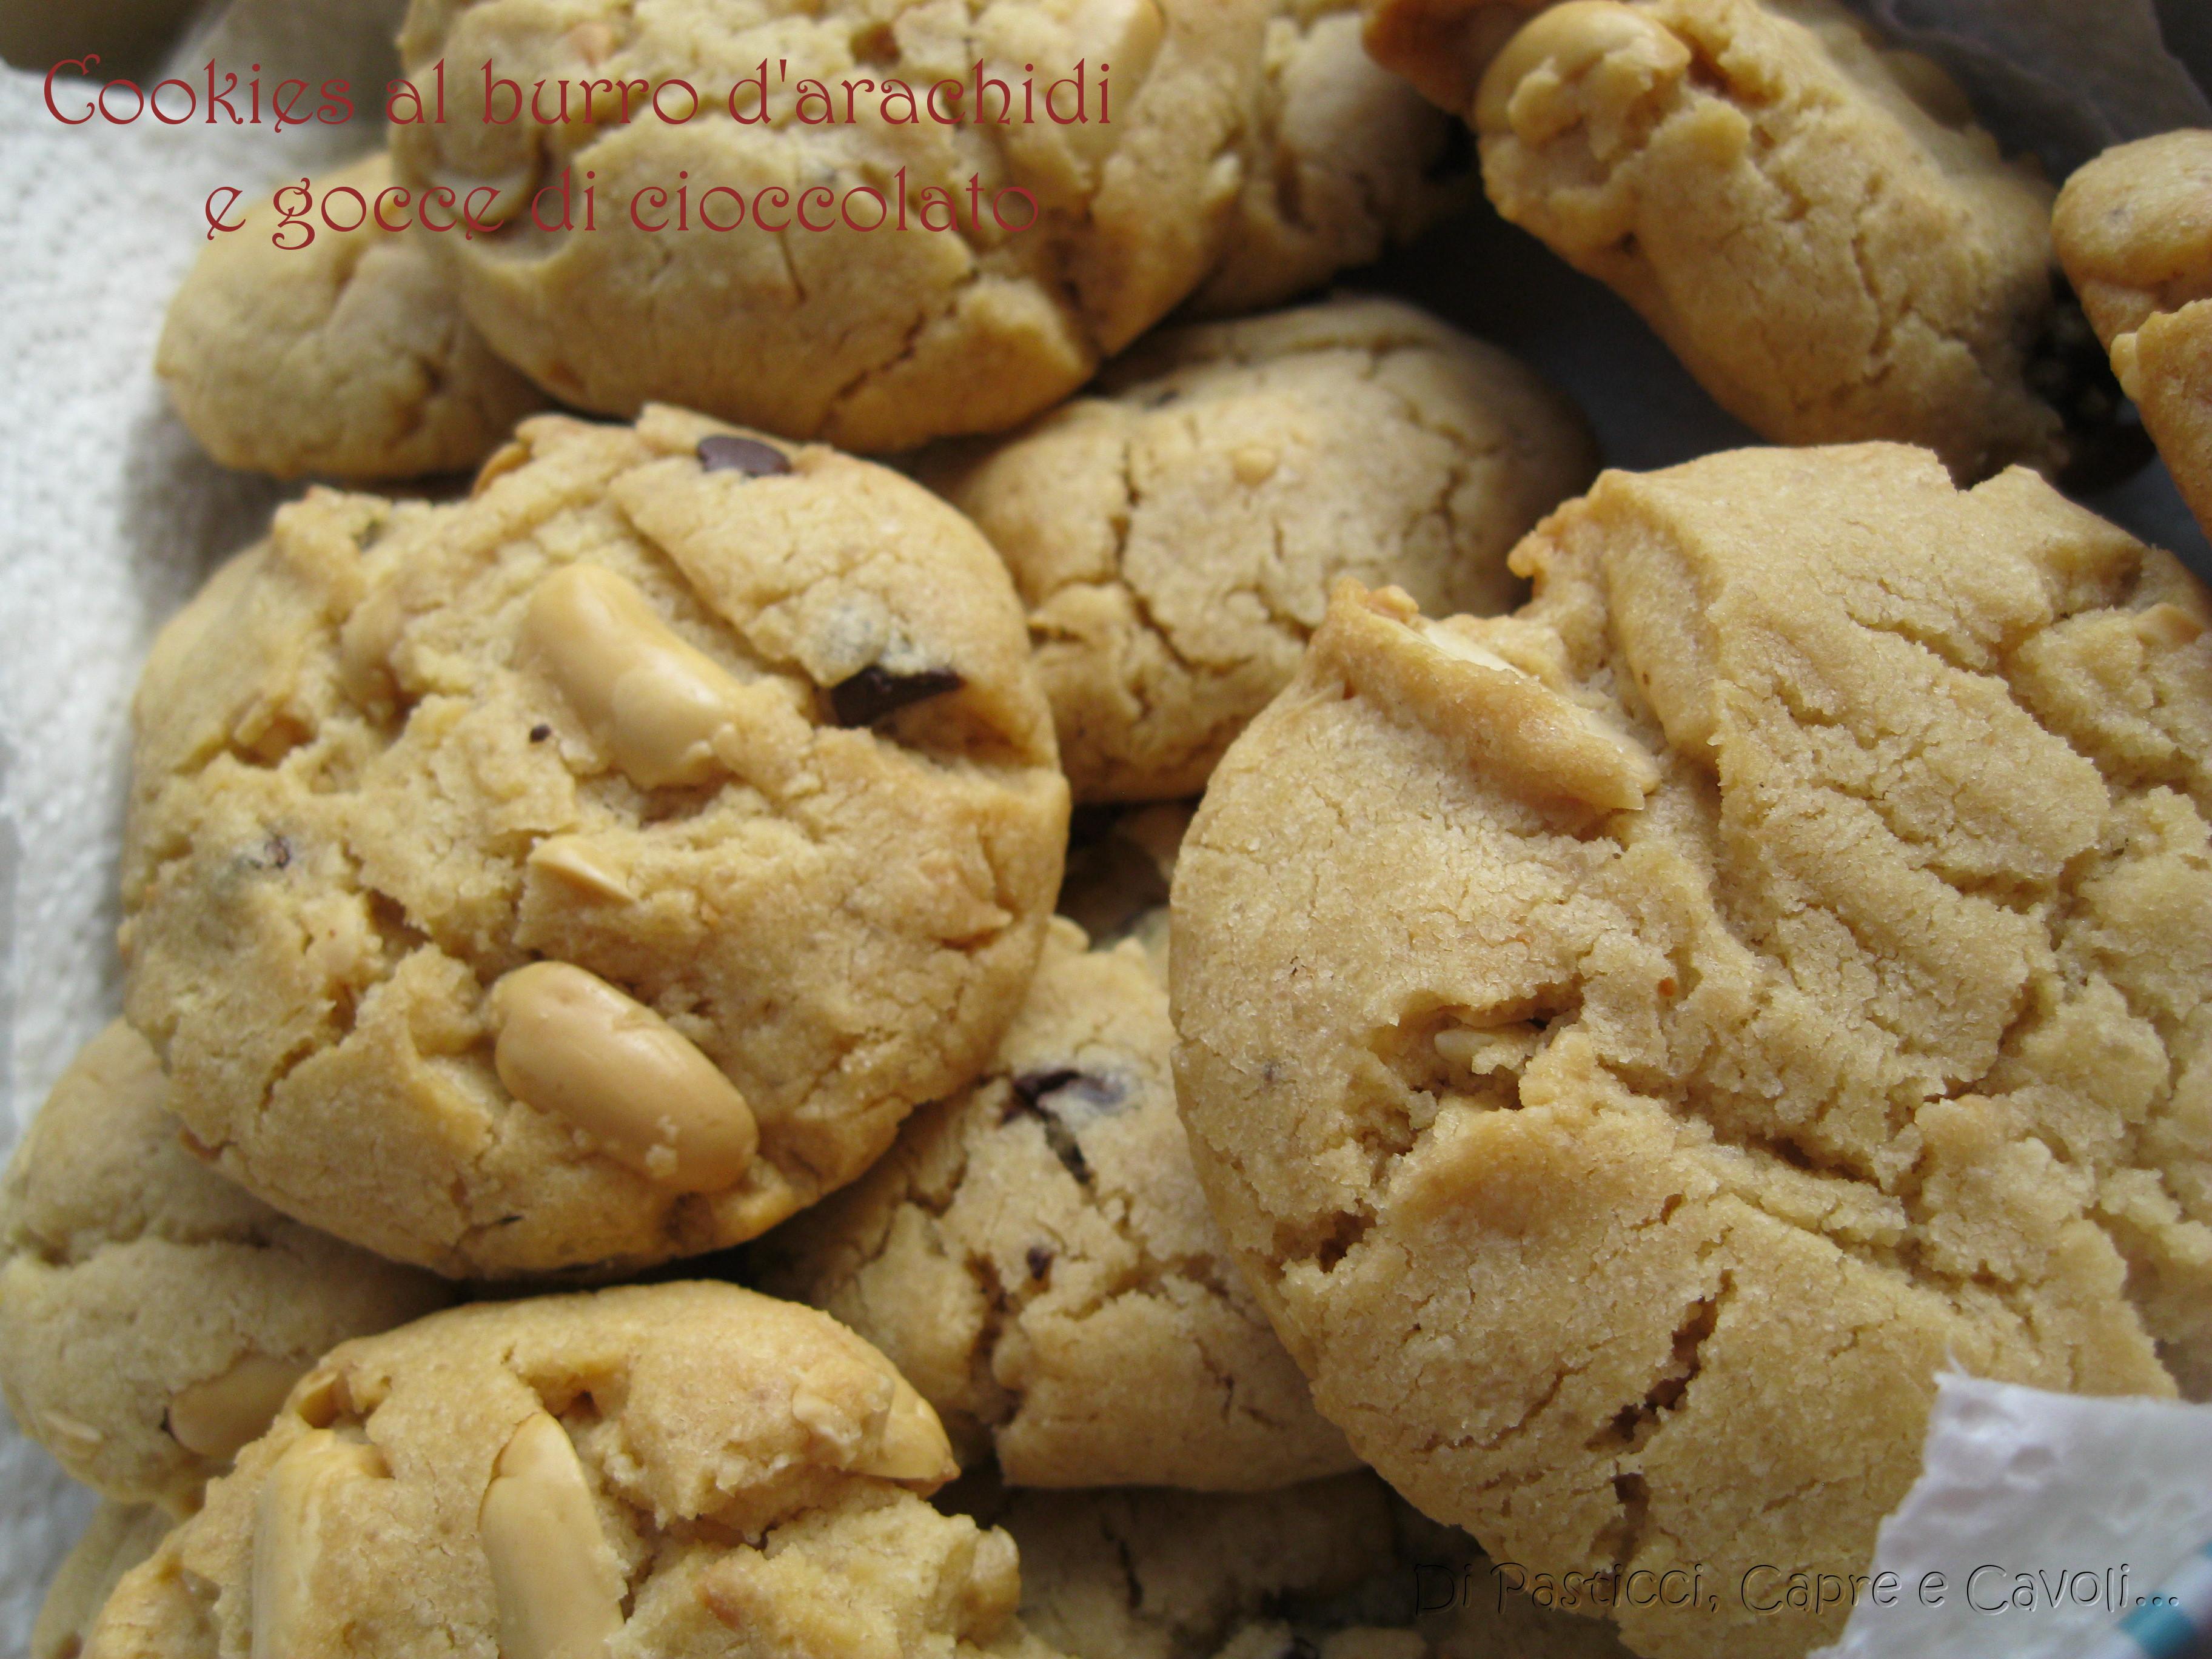 Cookies al burro d'arachidi con gocce di cioccolato